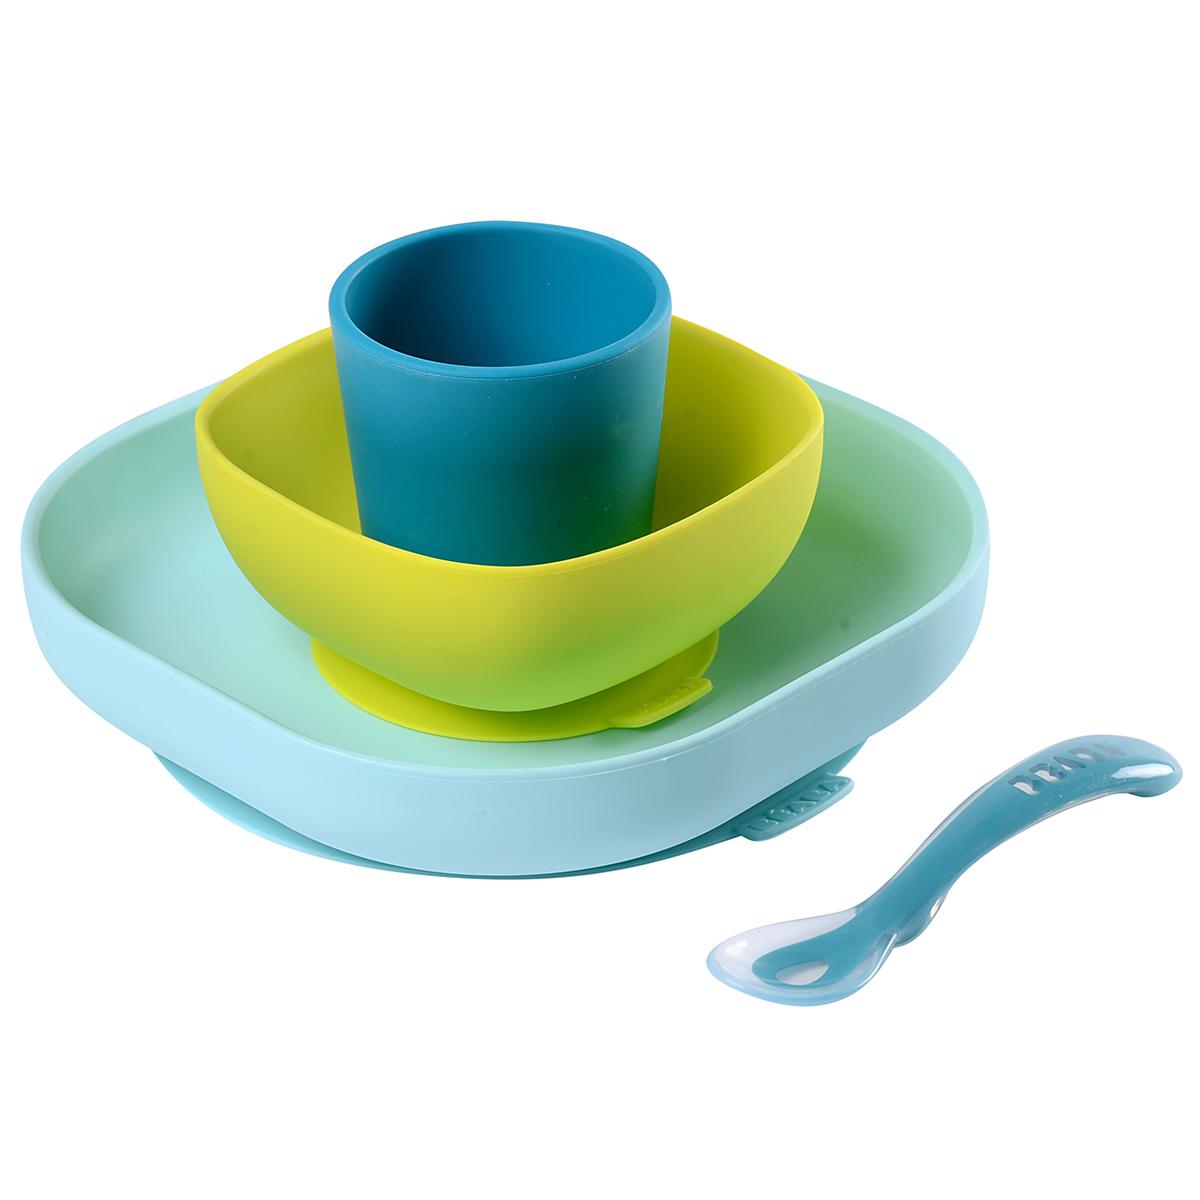 Vaisselle & Couvert Set de Vaisselle 4 Pièces - Blue Set de Vaisselle 4 Pièces - Blue